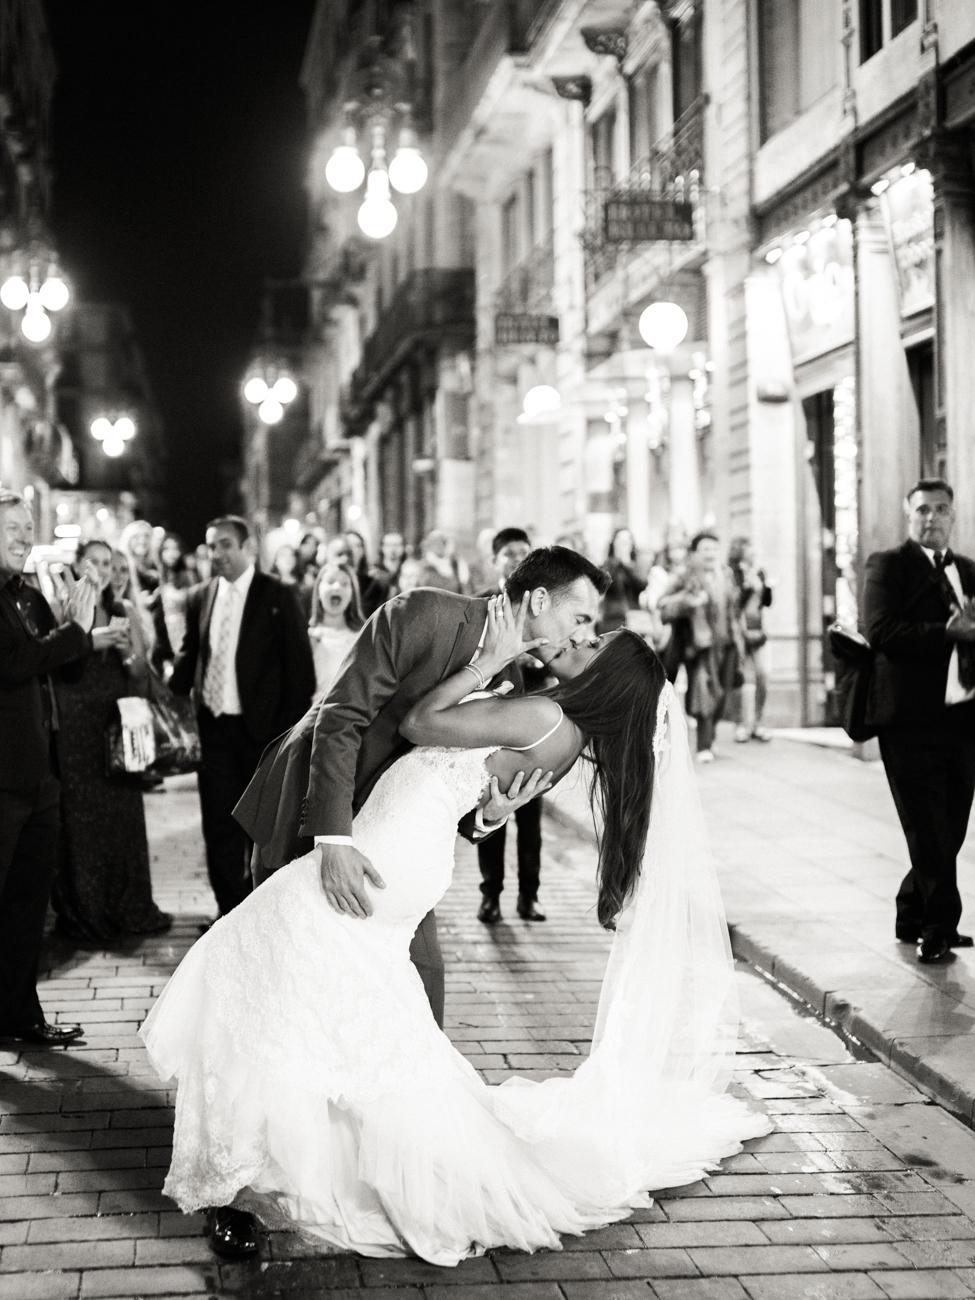 DennisRoyCoronel_Barcelona_Wedding-66.jpg